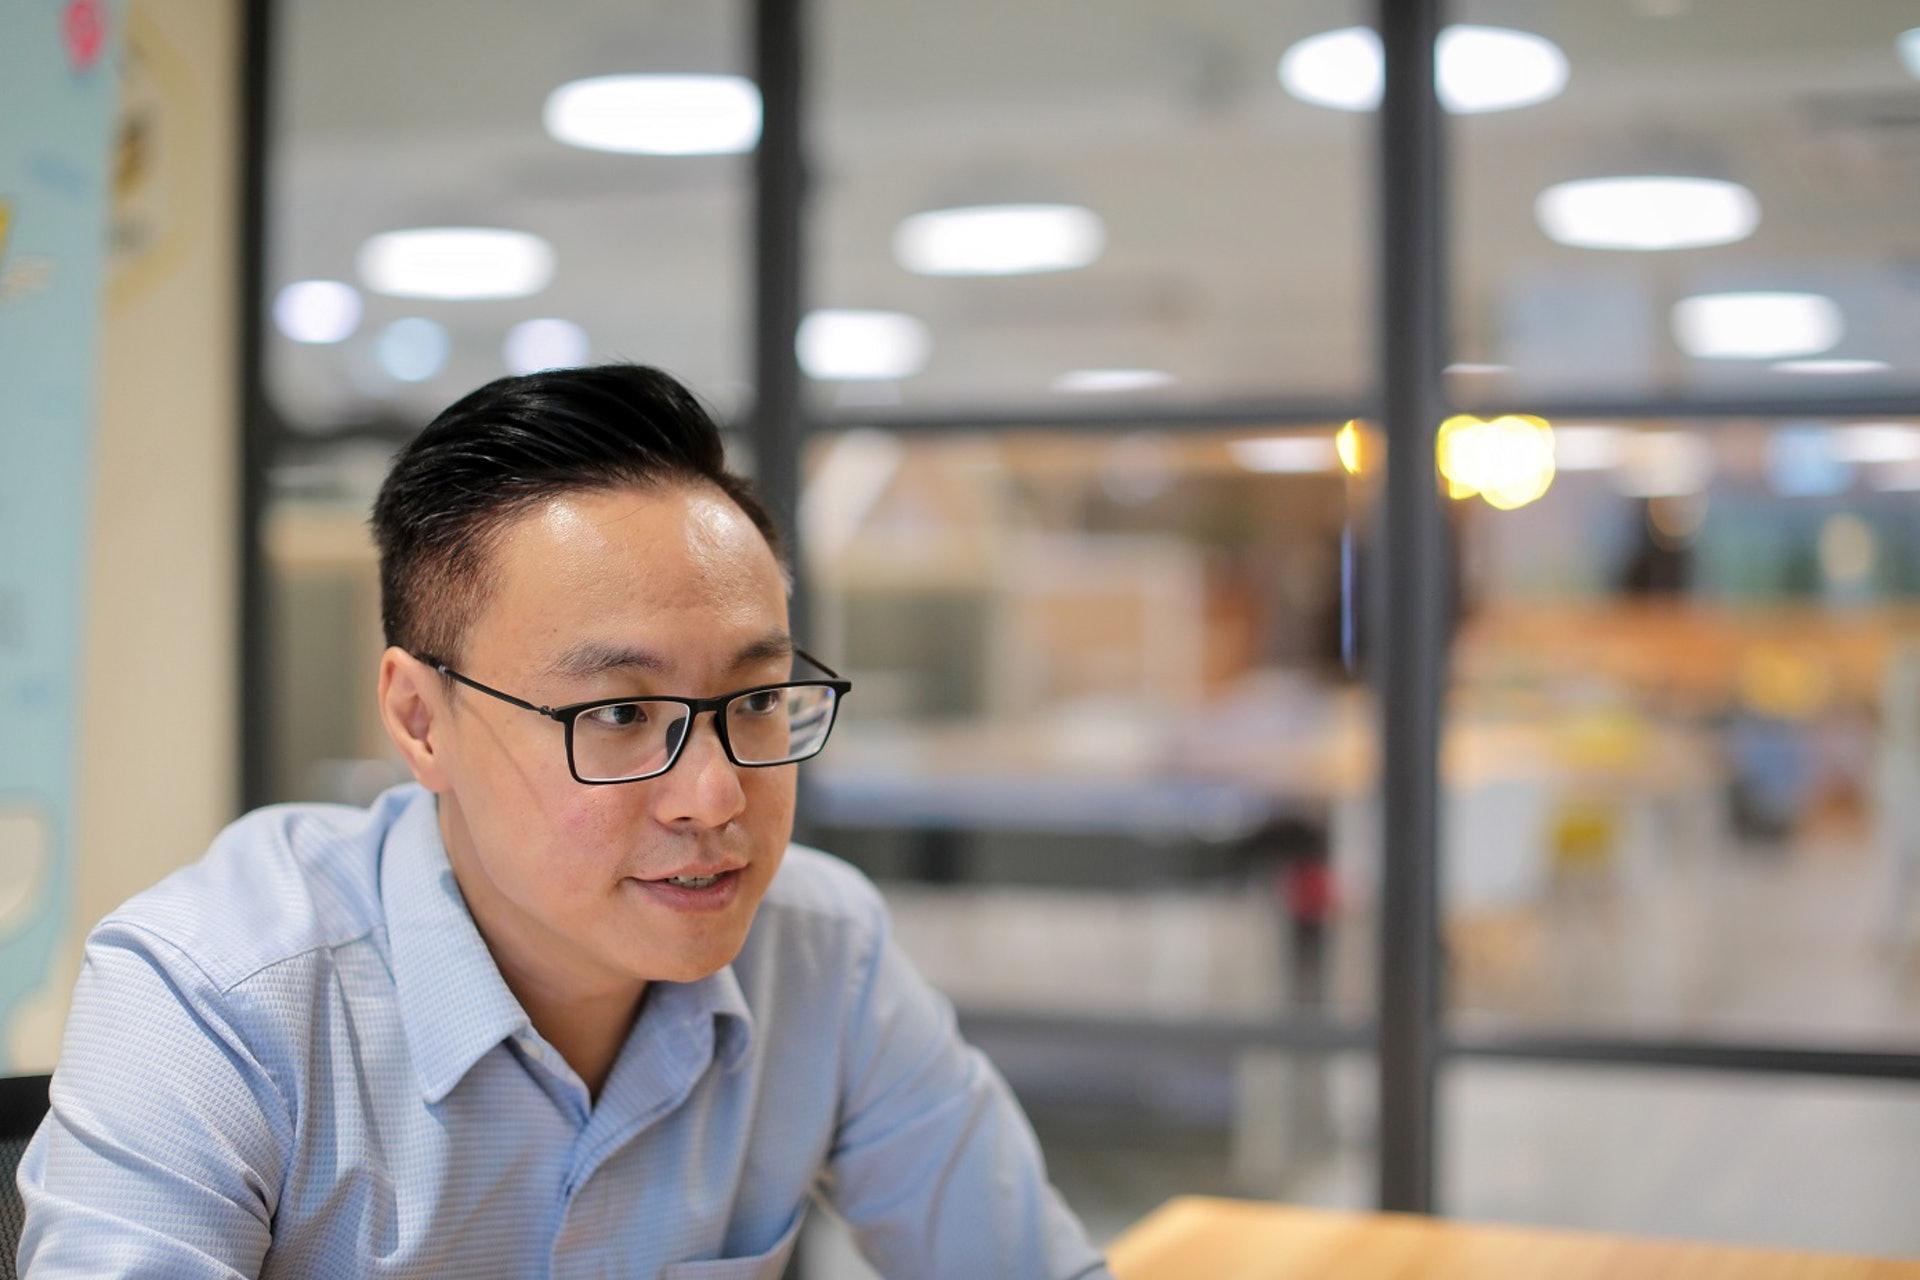 GRWTH行政總裁陳駿霖認為「價低者得」的商業模式,是香港教育科技發展的最大阻礙。(李澤彤攝)